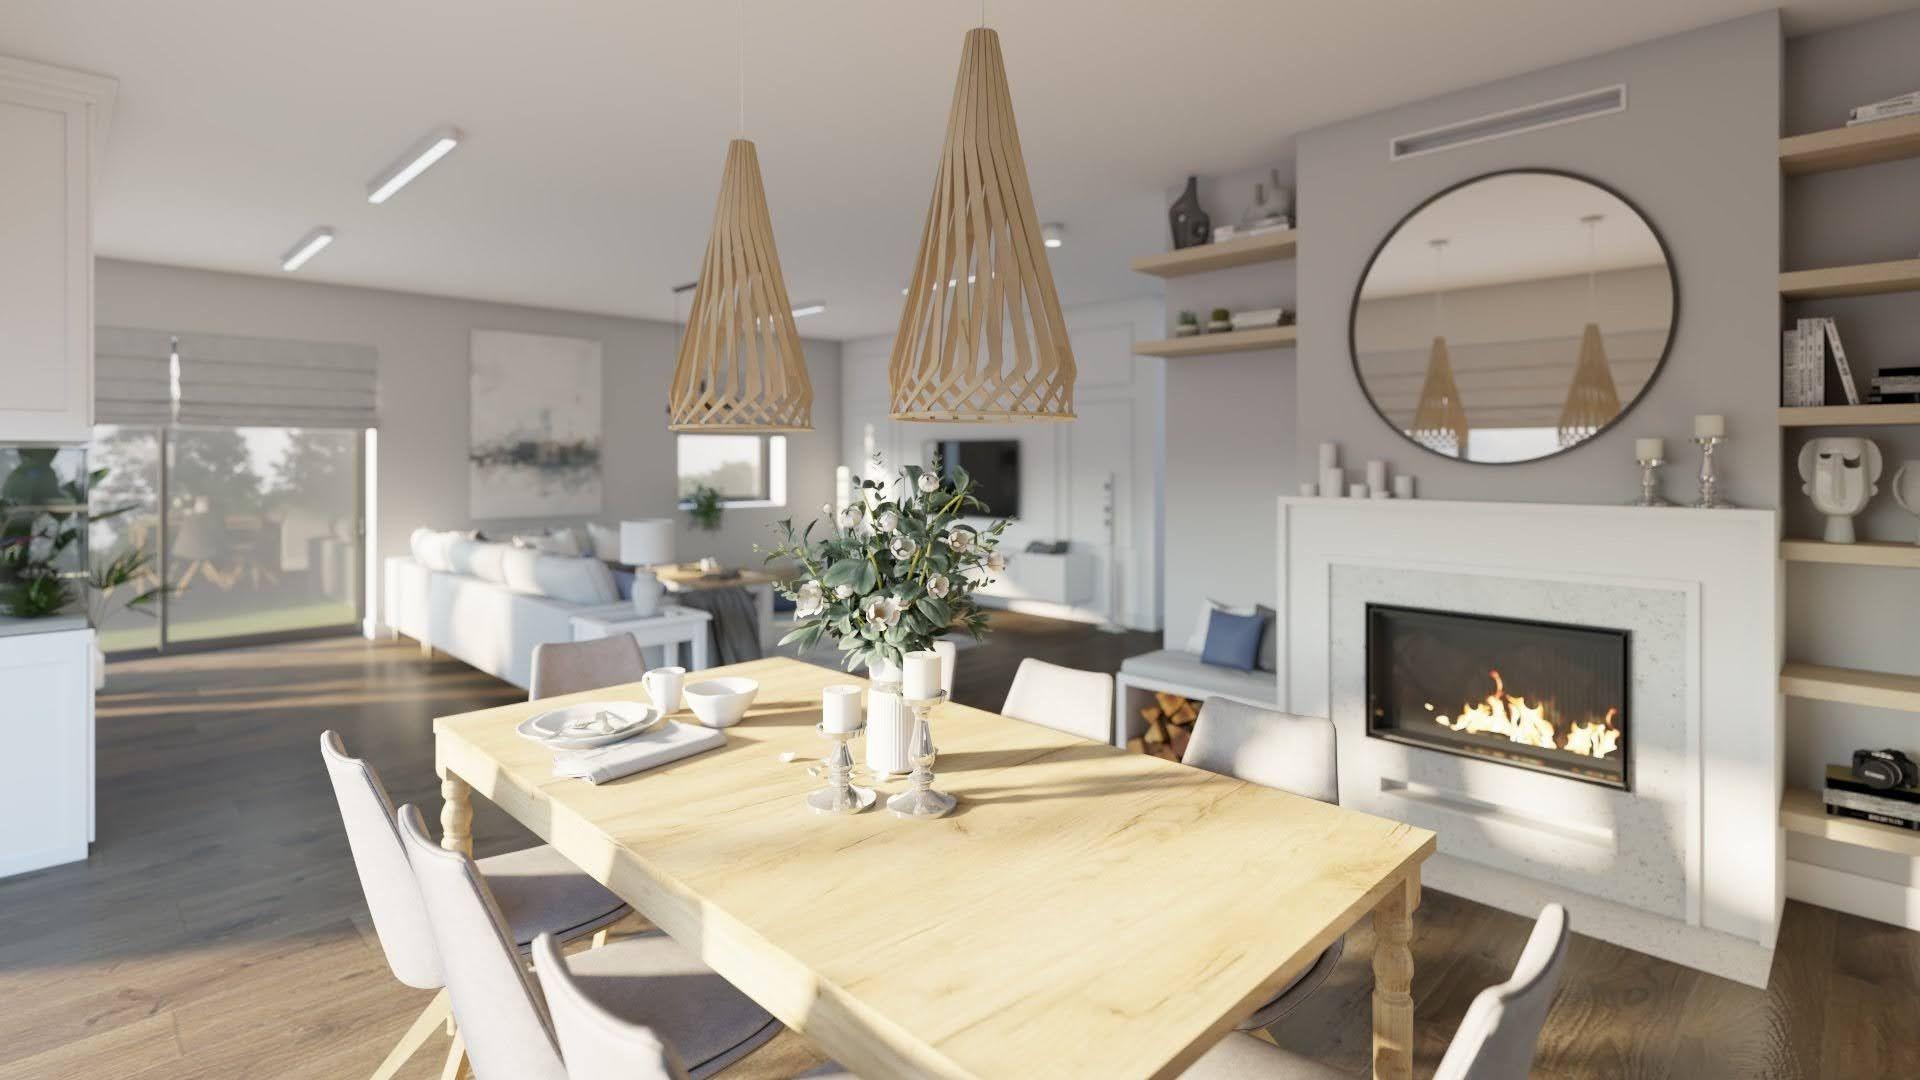 pomysł na jadalnie przy salonie, kominek w jadalni, pomysł na oświetlenie nad stołem w jadalni